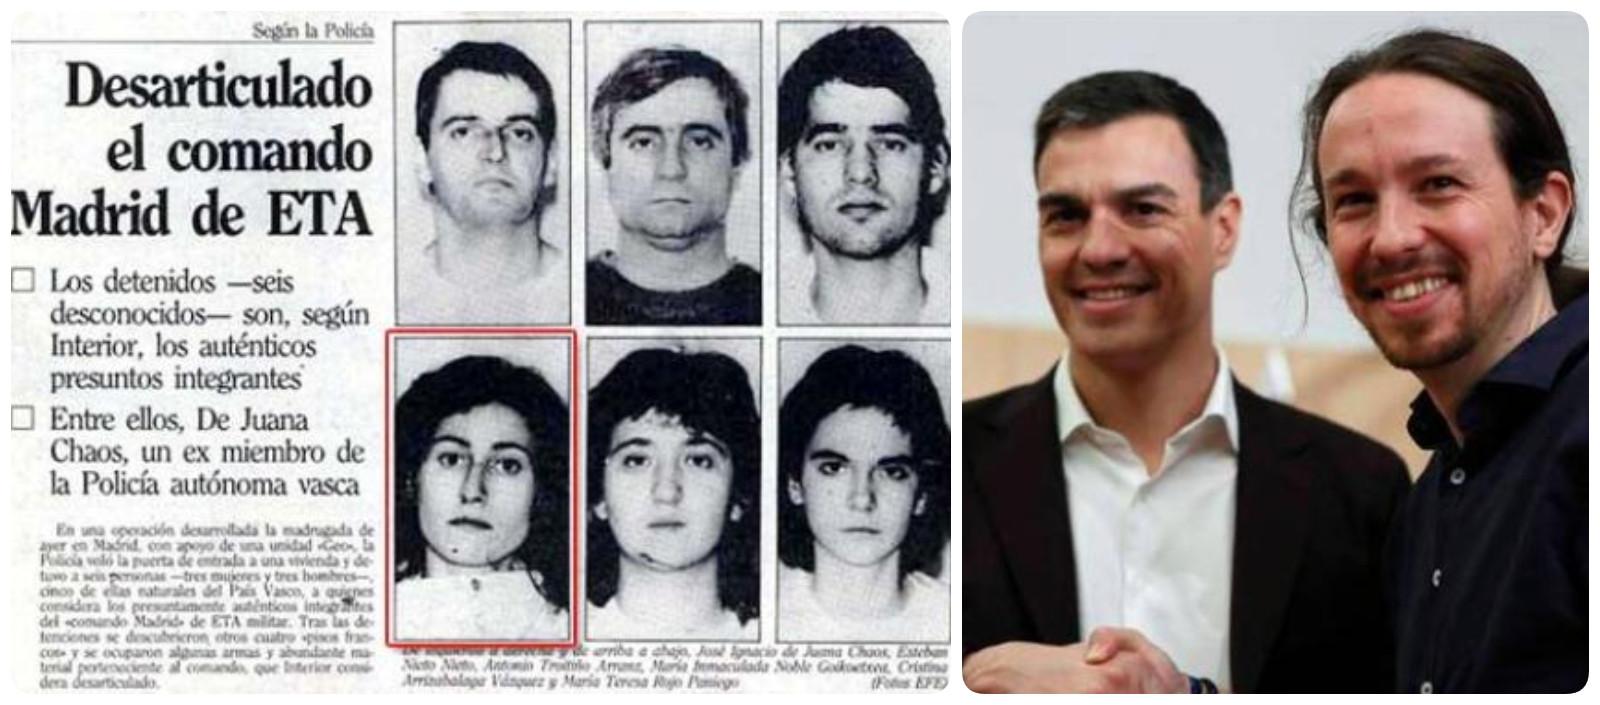 Ya está en libertad todo el 'Comando Madrid' de ETA: en la calle los asesinos de 80 personas